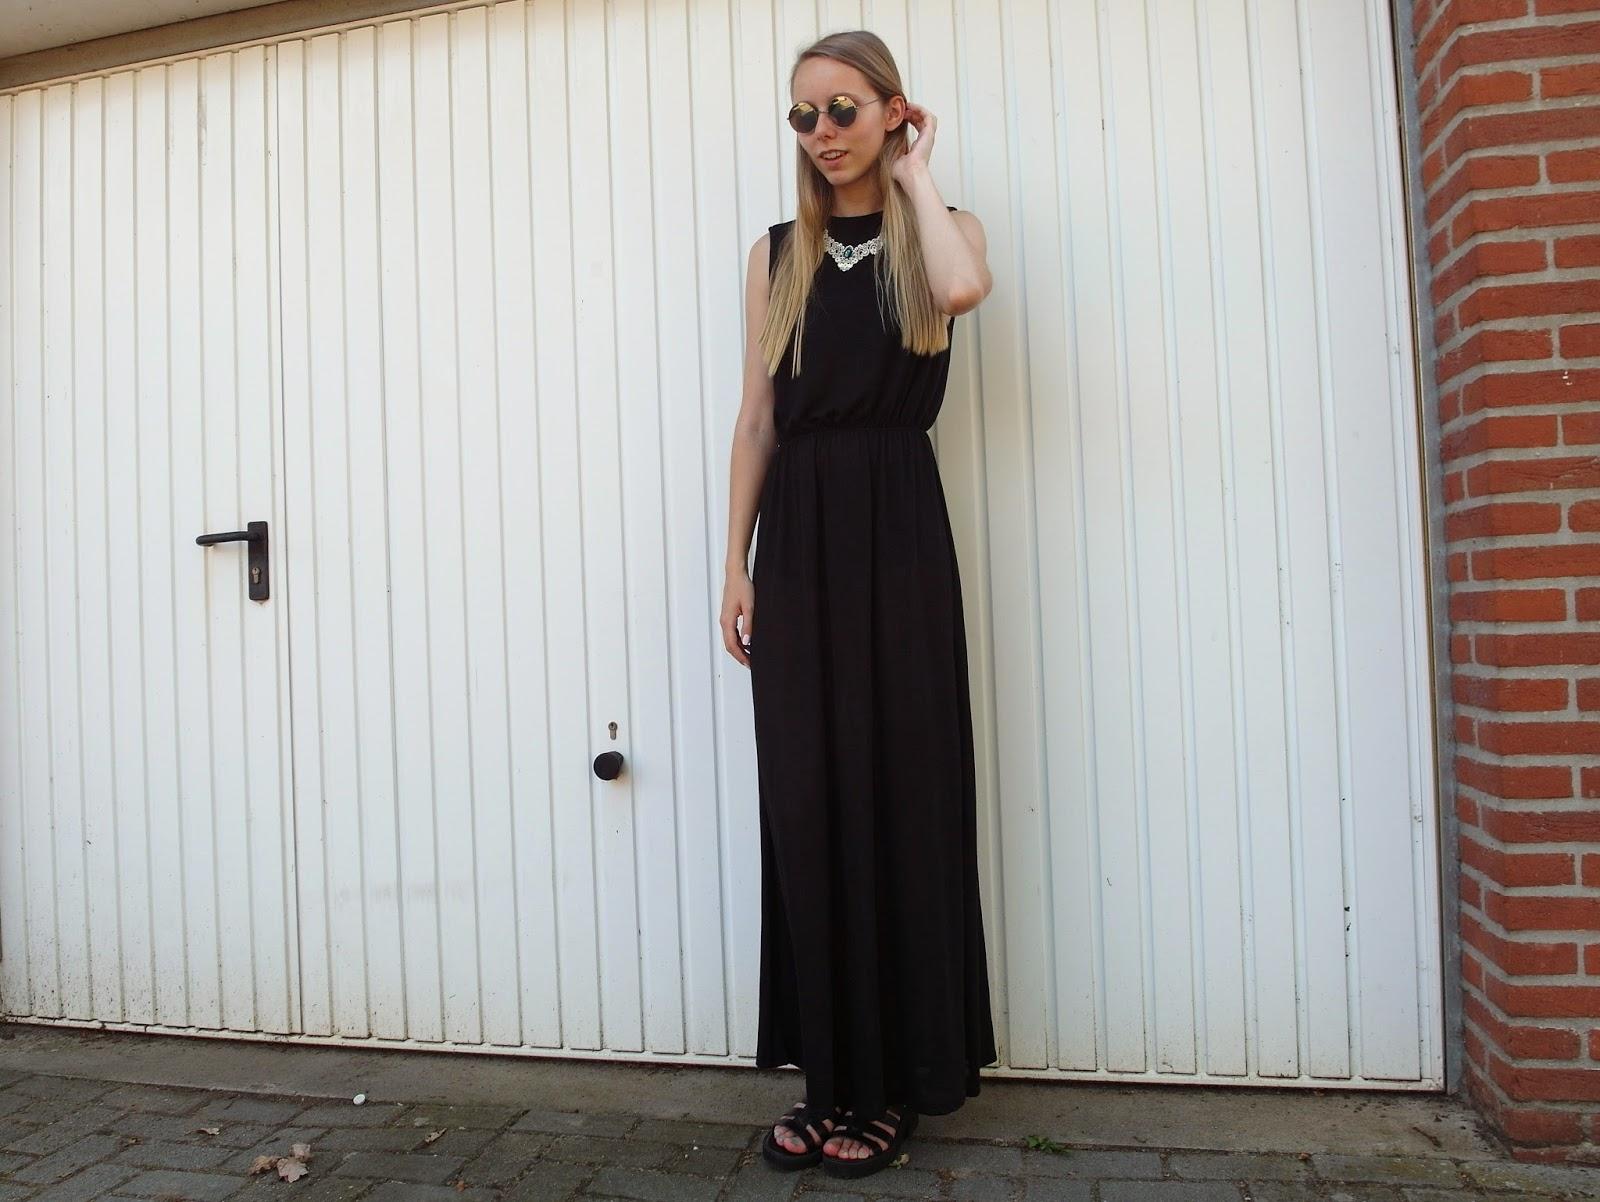 Lange zomerjurk maxi jurk tot de grond h&m